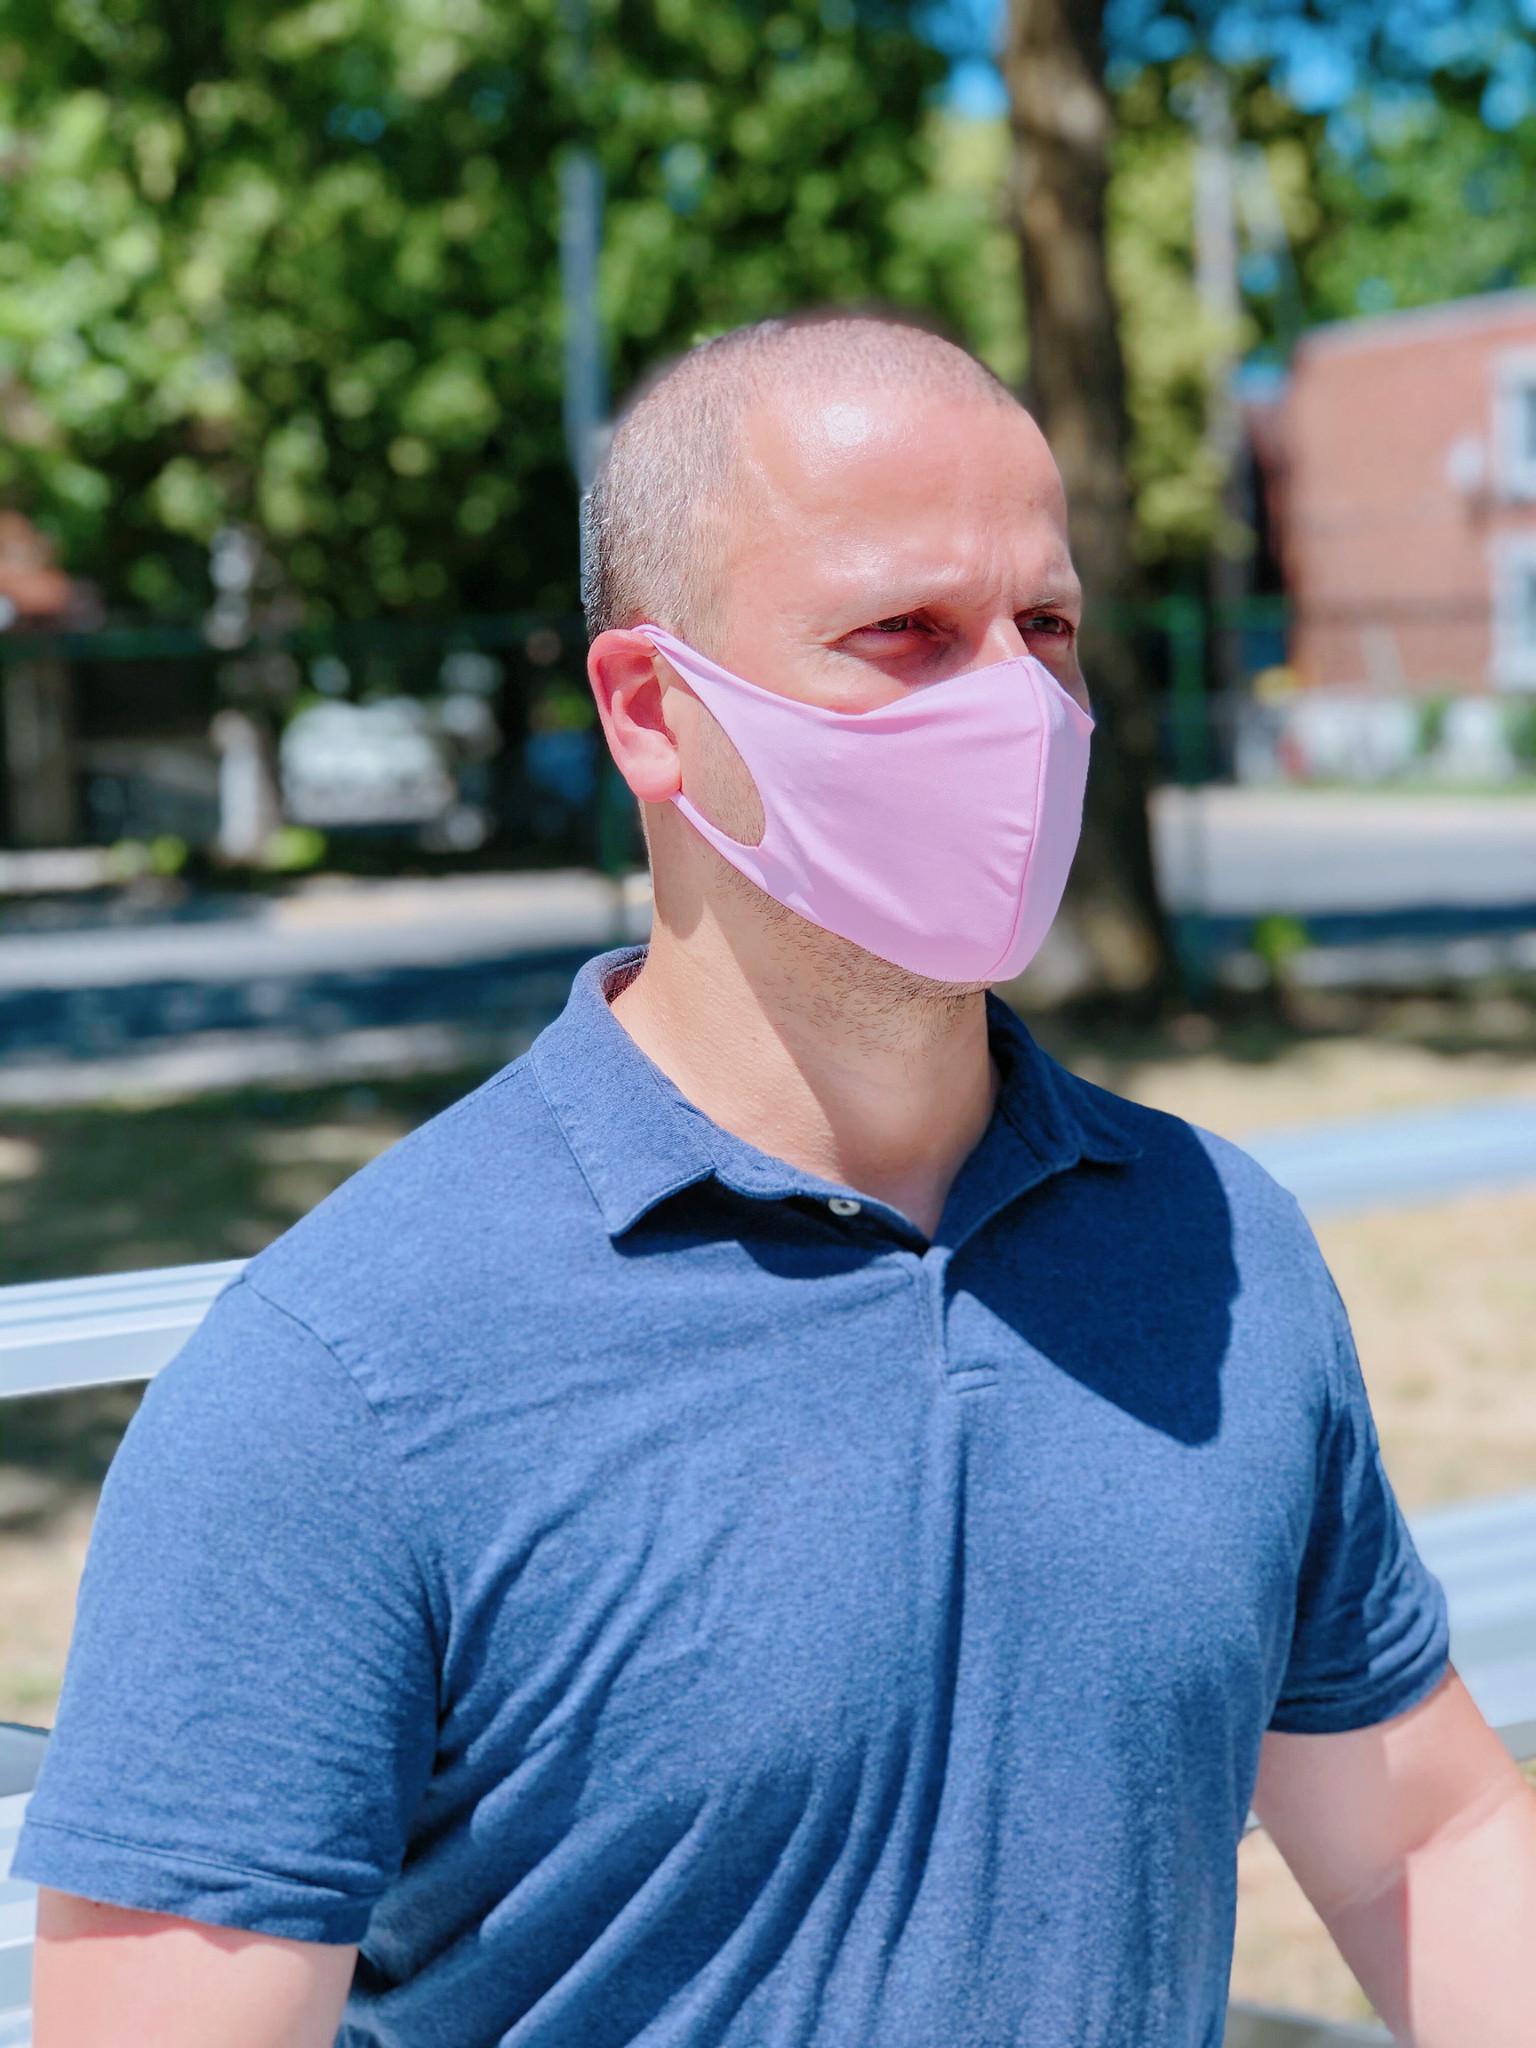 Boss Masks Fabric Face Masks - 5 Pack - PINK